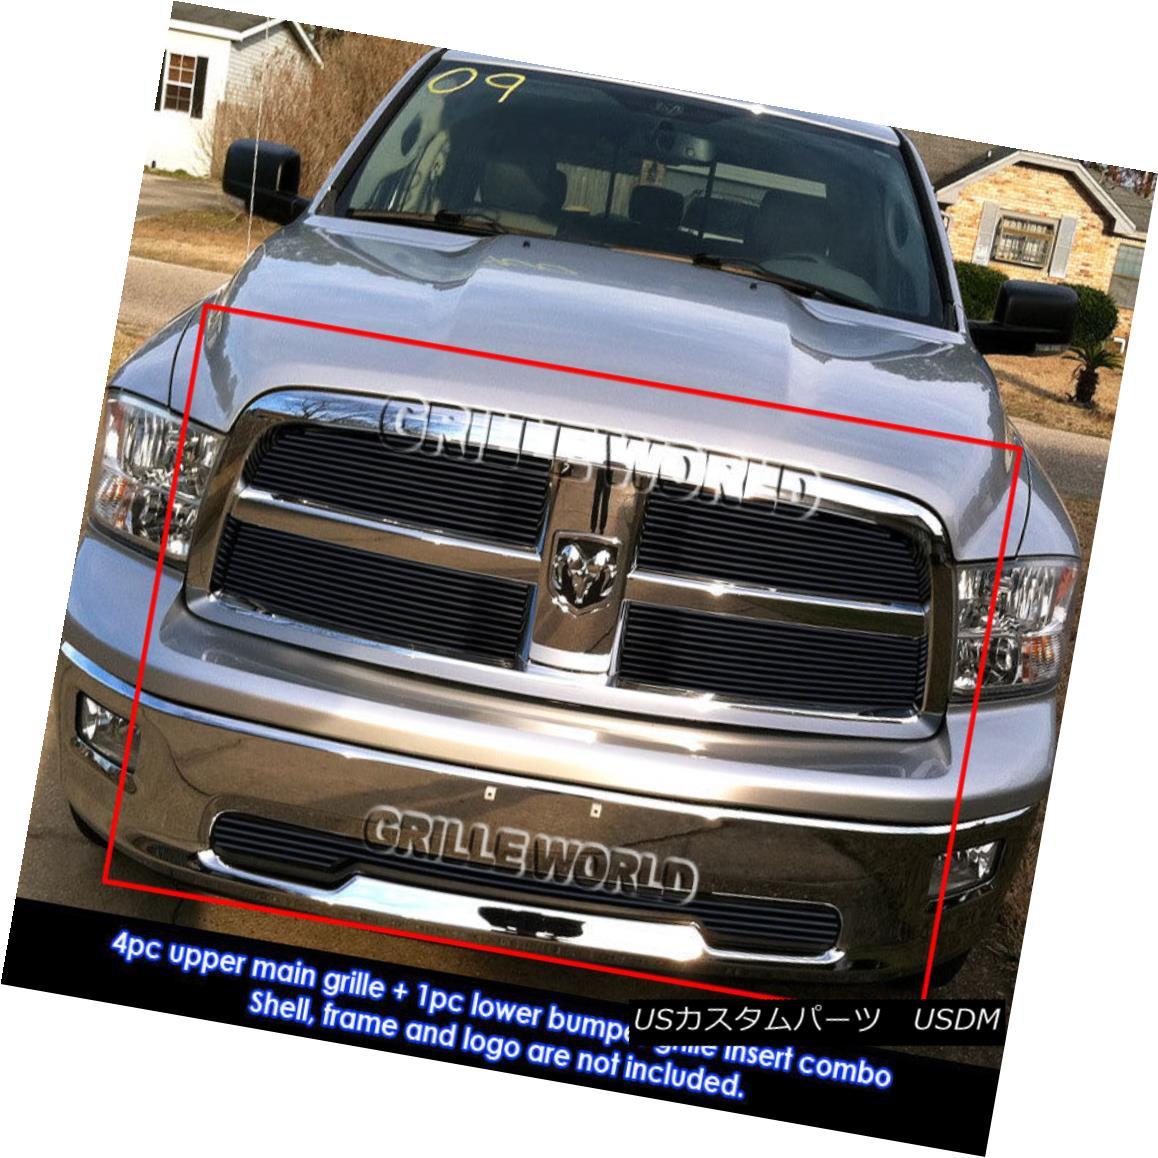 グリル For 2009-2012 Dodge Ram 1500 Regular Model Black Billet Grill Combo Pack 2009-2012ダッジラム1500レギュラーモデルブラックビレットグリルコンボパック